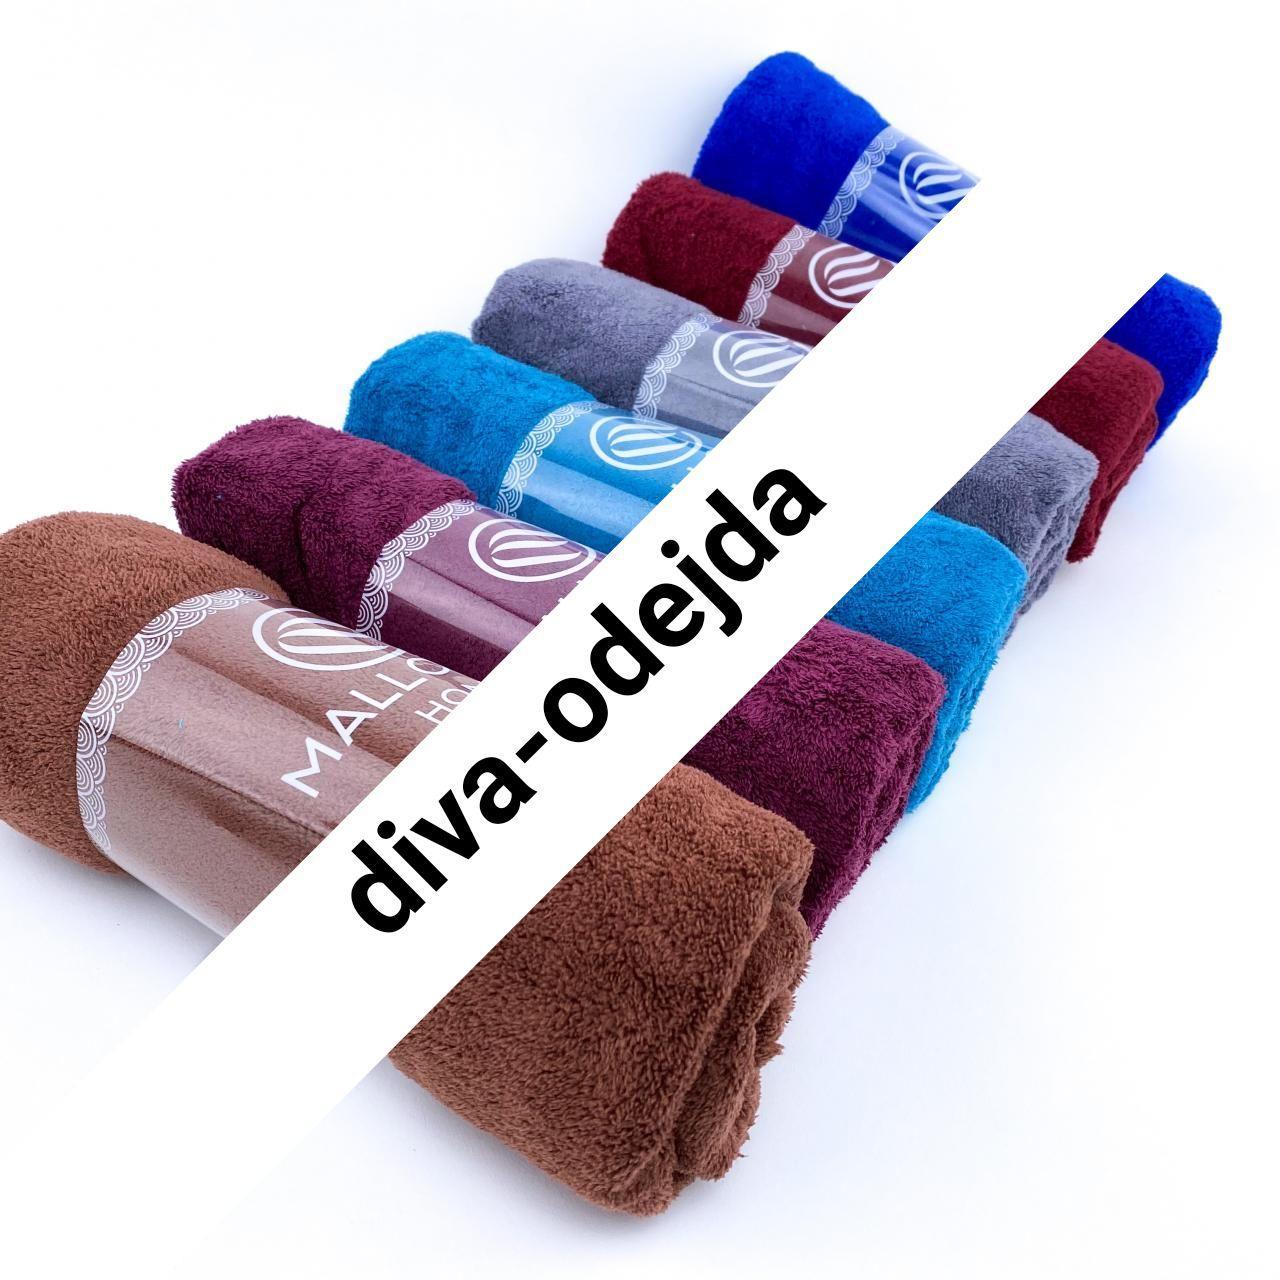 Индивидуально упакованное полотенце для лица и рук.Размер:1,0 x 0,5